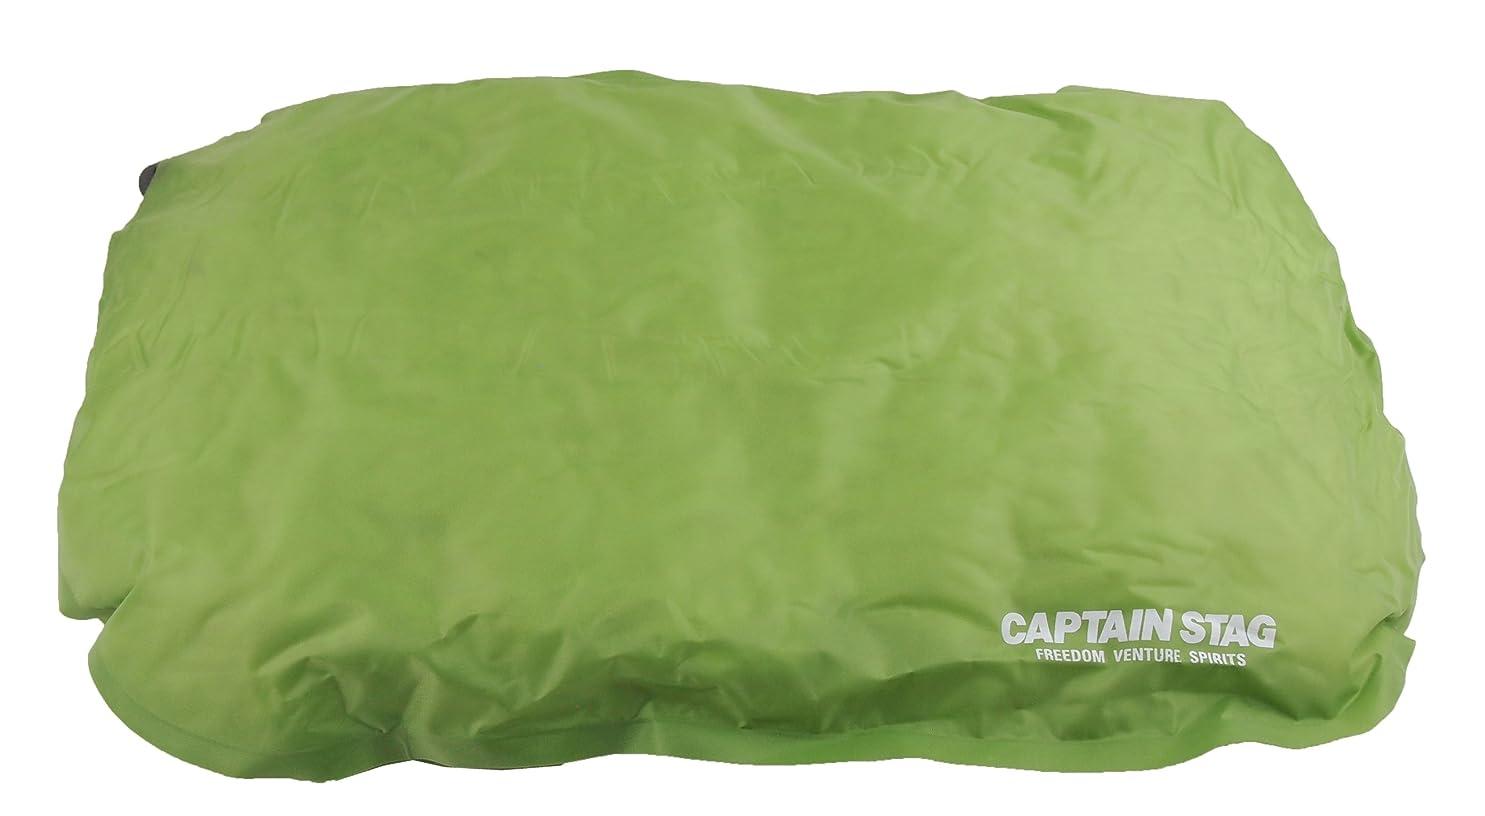 対人数学粉砕するキャプテンスタッグ(CAPTAIN STAG) キャンプ用品 枕 防水 インフレータブル インフレーティングピロー グリーンUB-3017